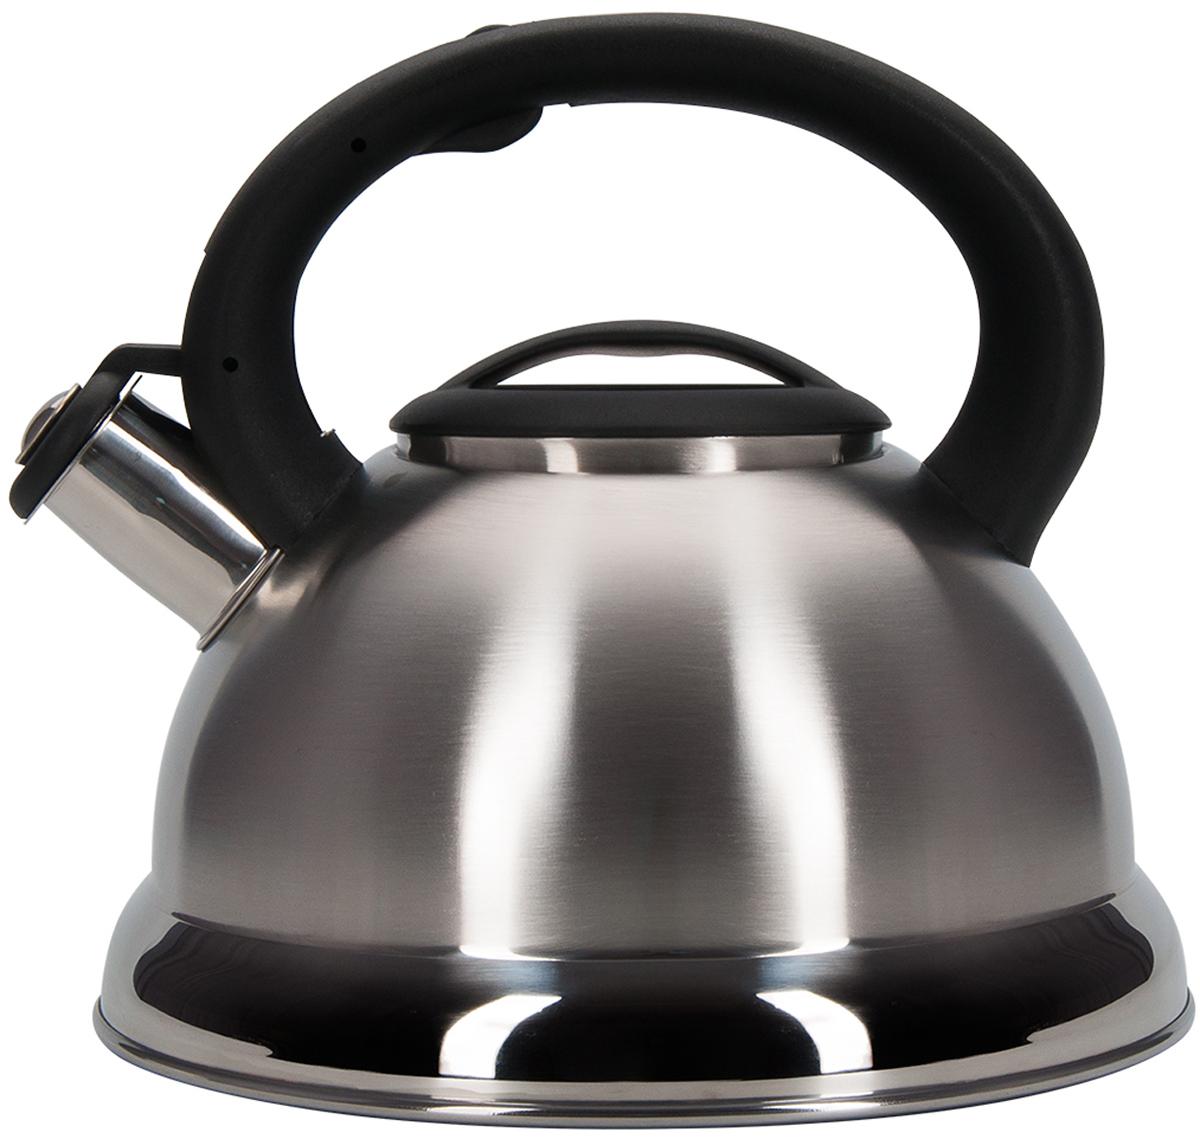 Чайник Regent Inox Tea, со свистком, цвет: серебристый, черный, 2,5 л. 93-TEA-27 uniel ulo cl120 40w nw silver